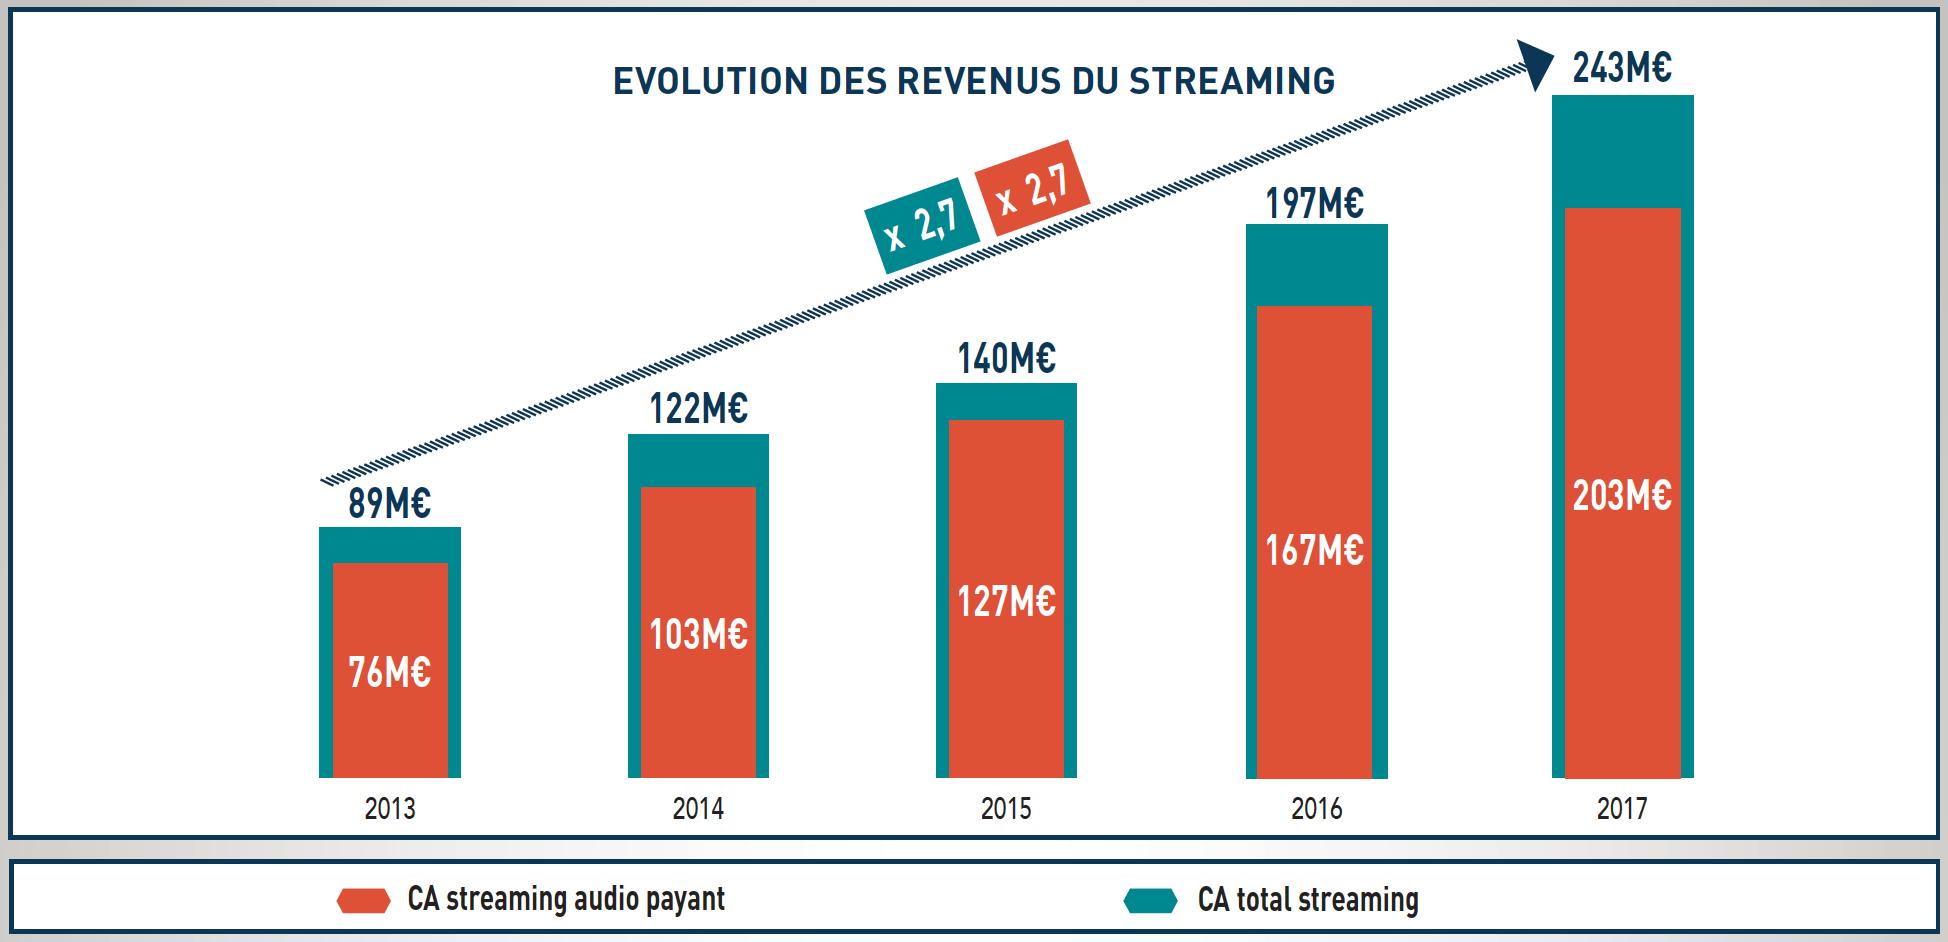 Le streaming continue d'afficher une forte croissance : +23%